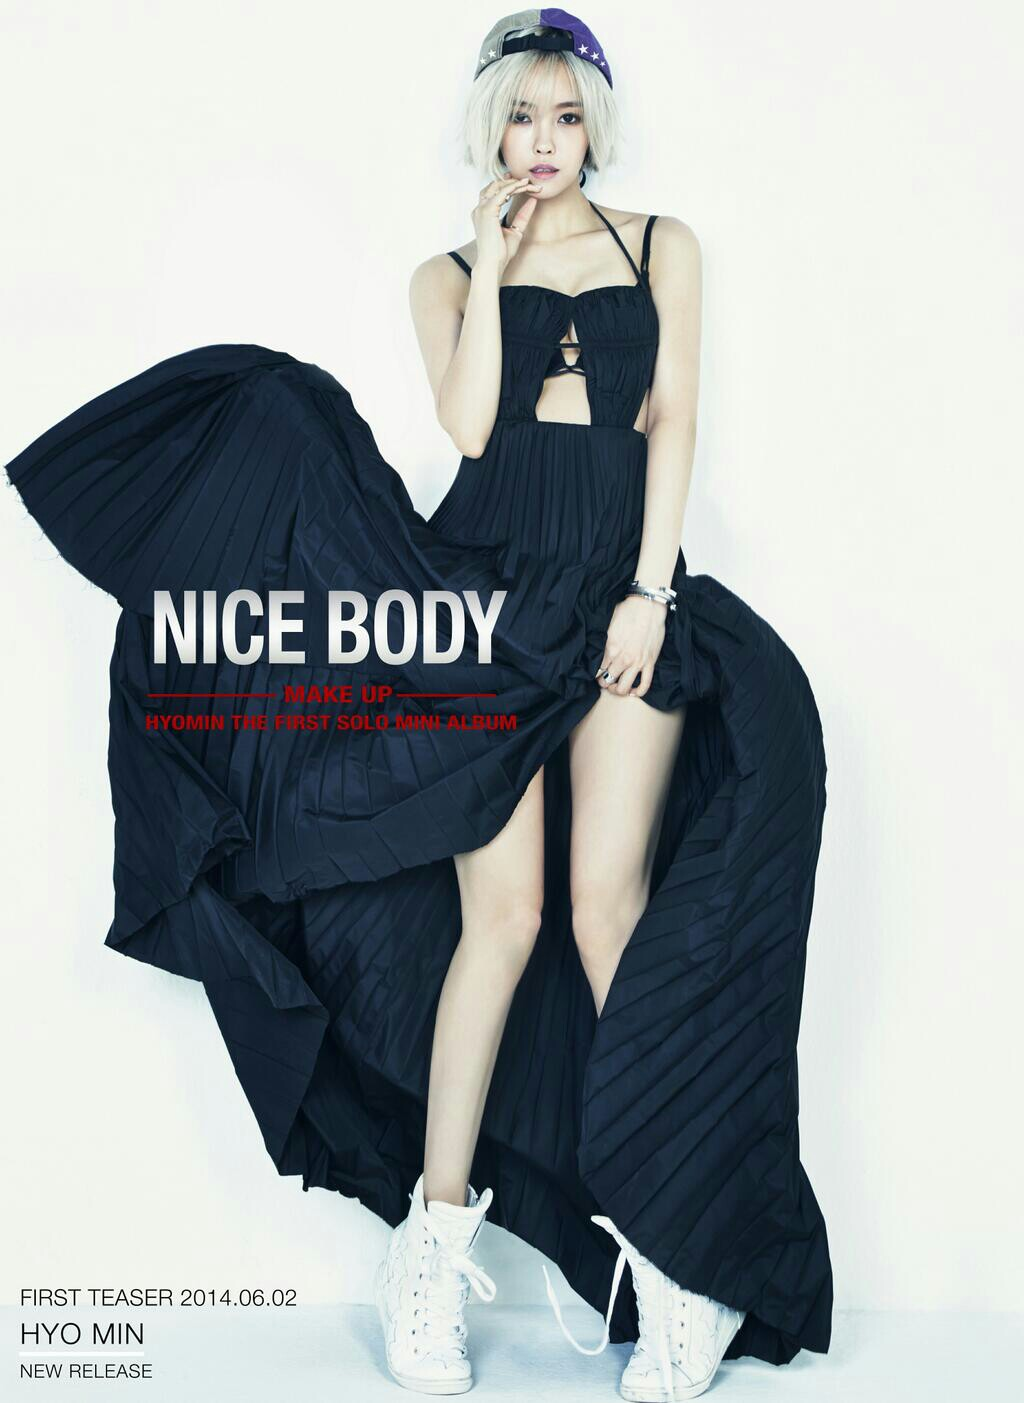 ヒョミンのソロ曲「NICE BODY」のティザー画像が公開